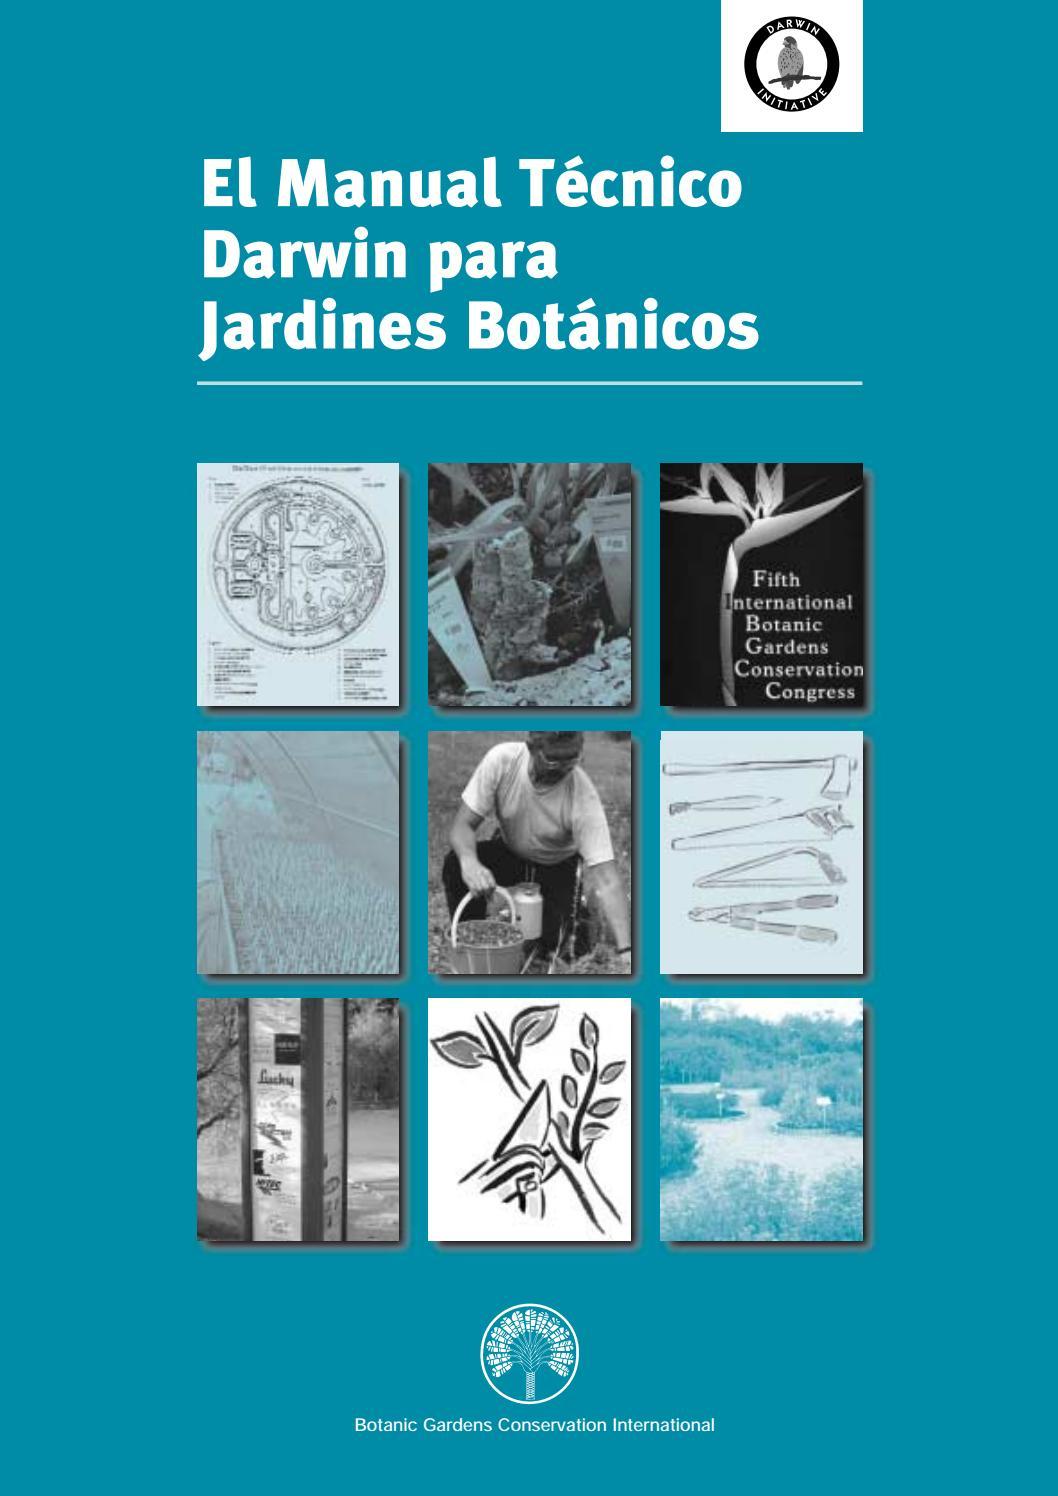 Manual Técnico Darwin Para Jardines Botánicos By Henry Garzon Chimbi Issuu